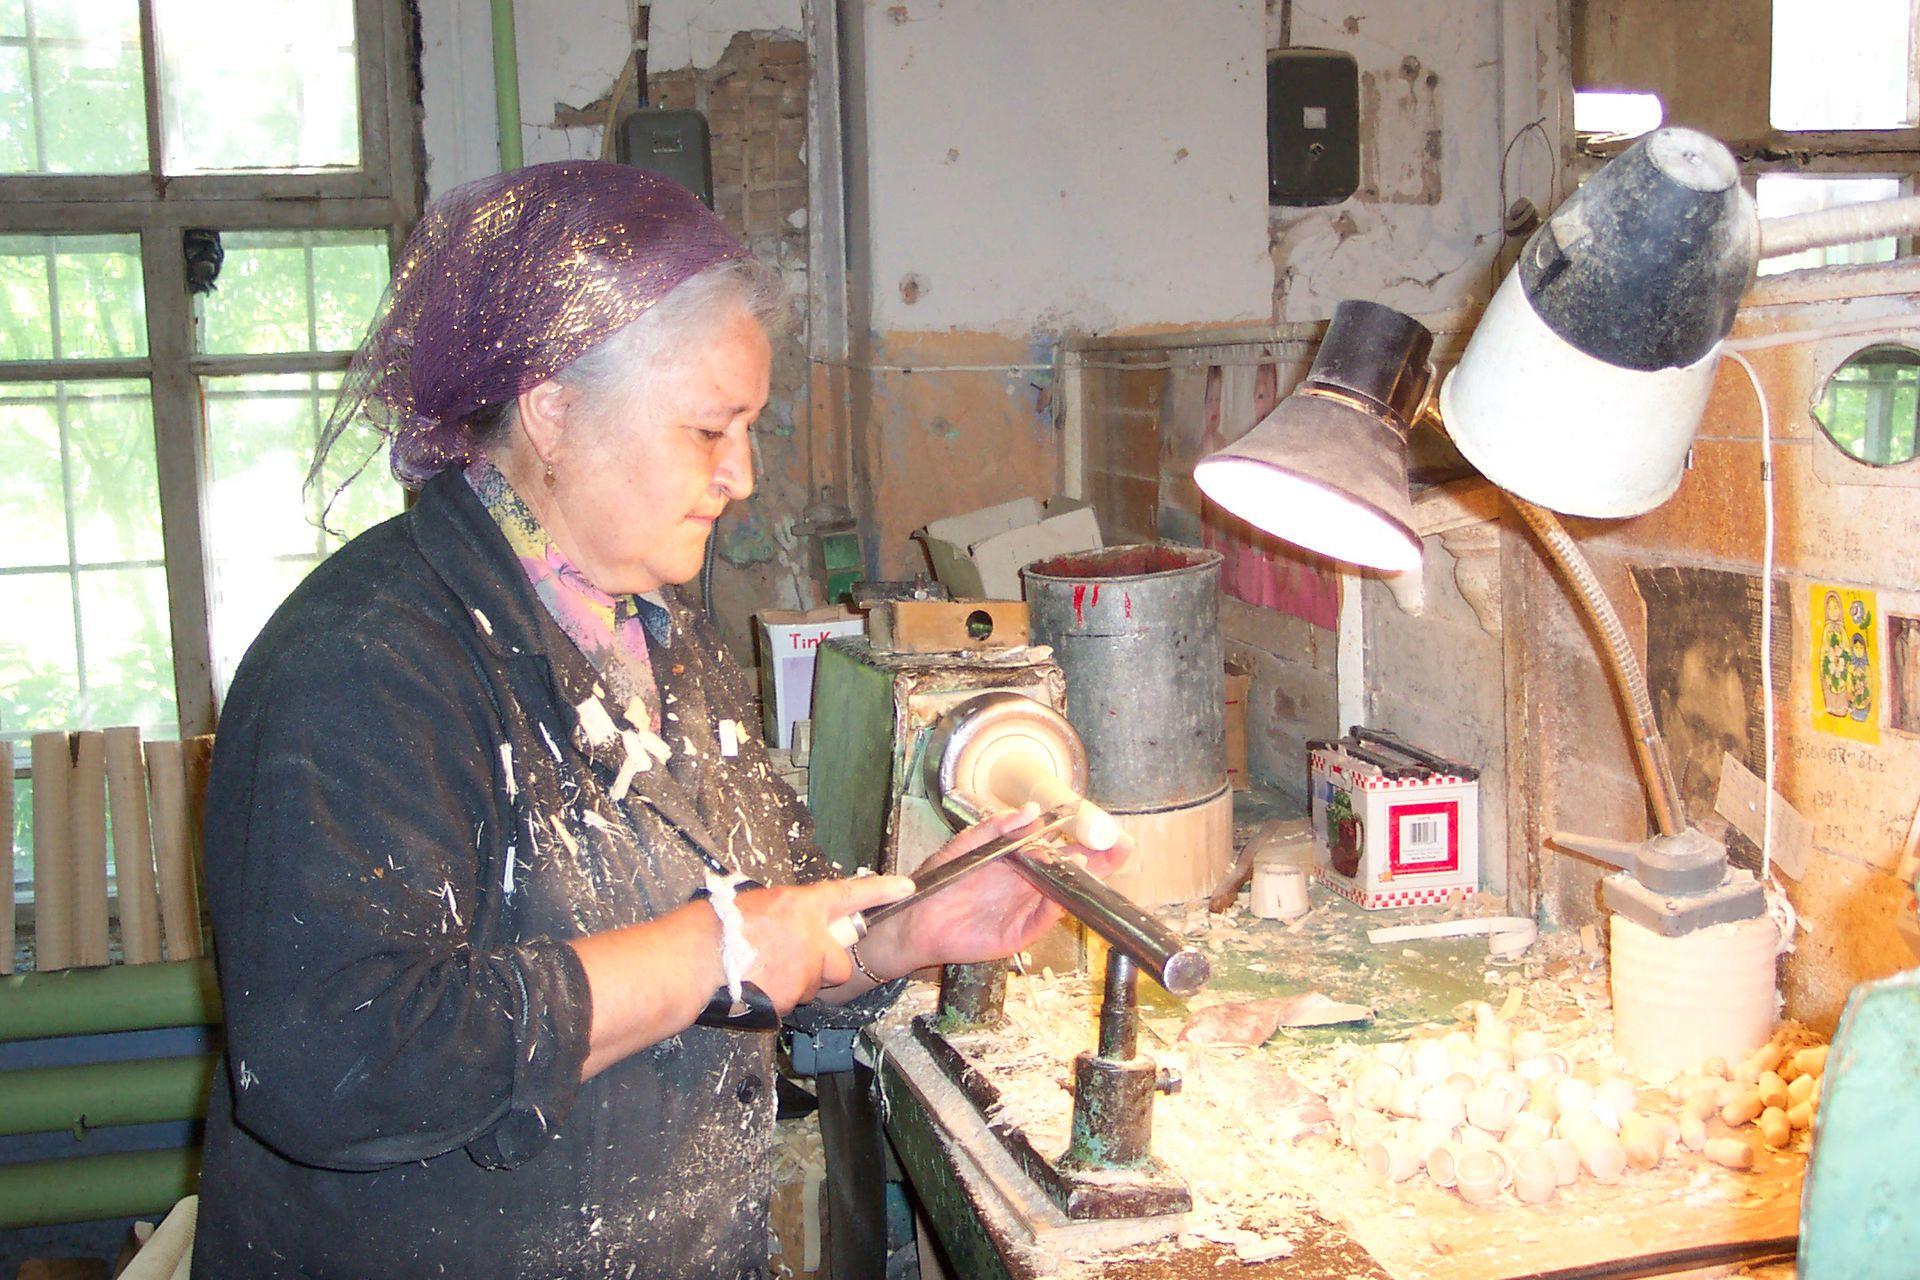 Producción de mamushkas en un taller ruso.